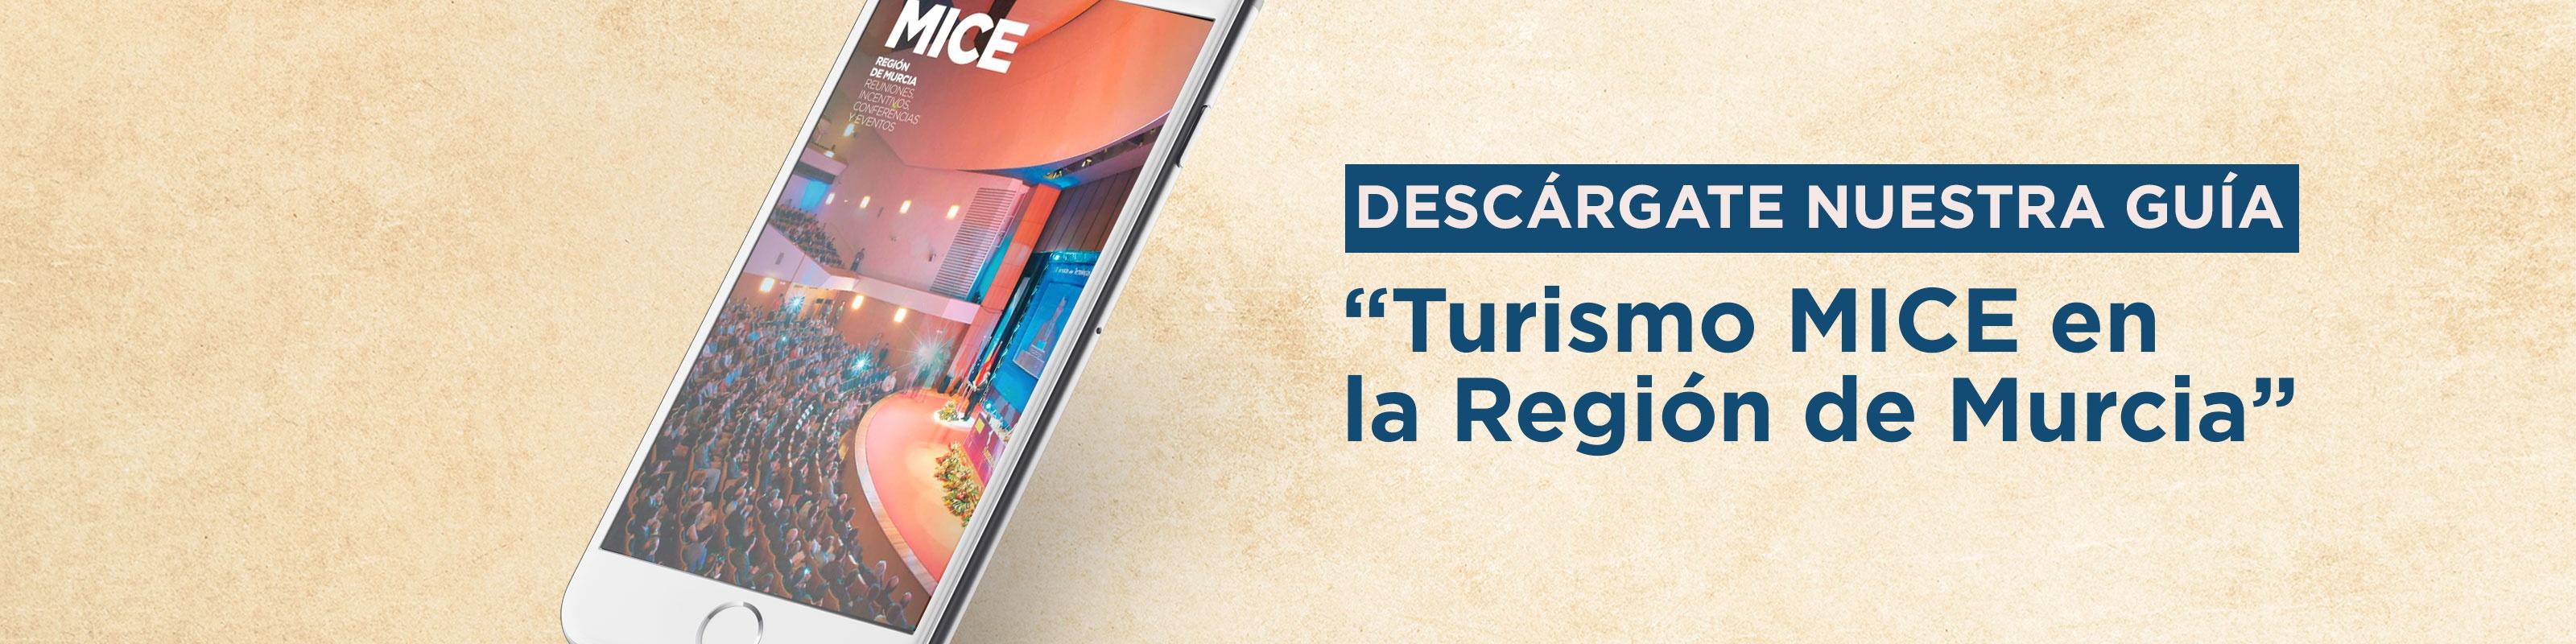 Guía de turismo MICE en la Región de Murcia